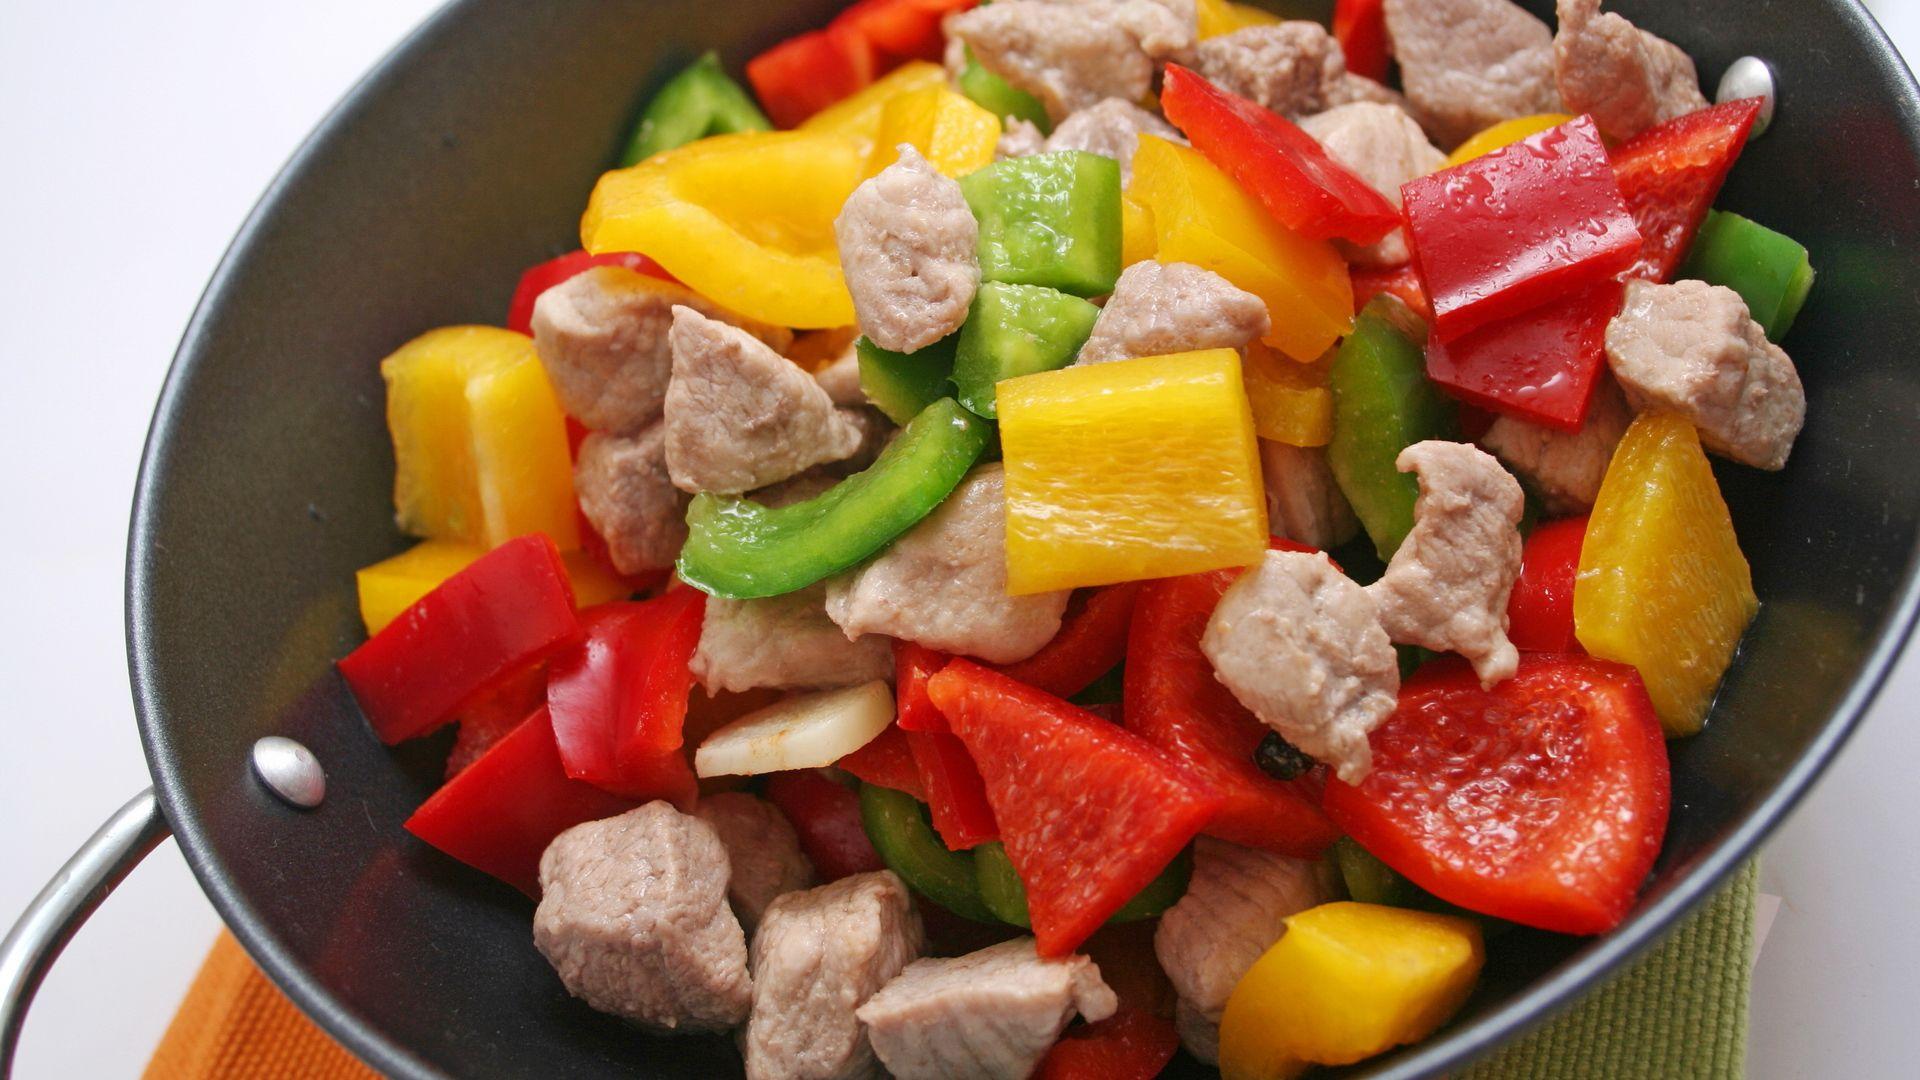 Фото - Дайте вкусные рецепты салатов с мясом!